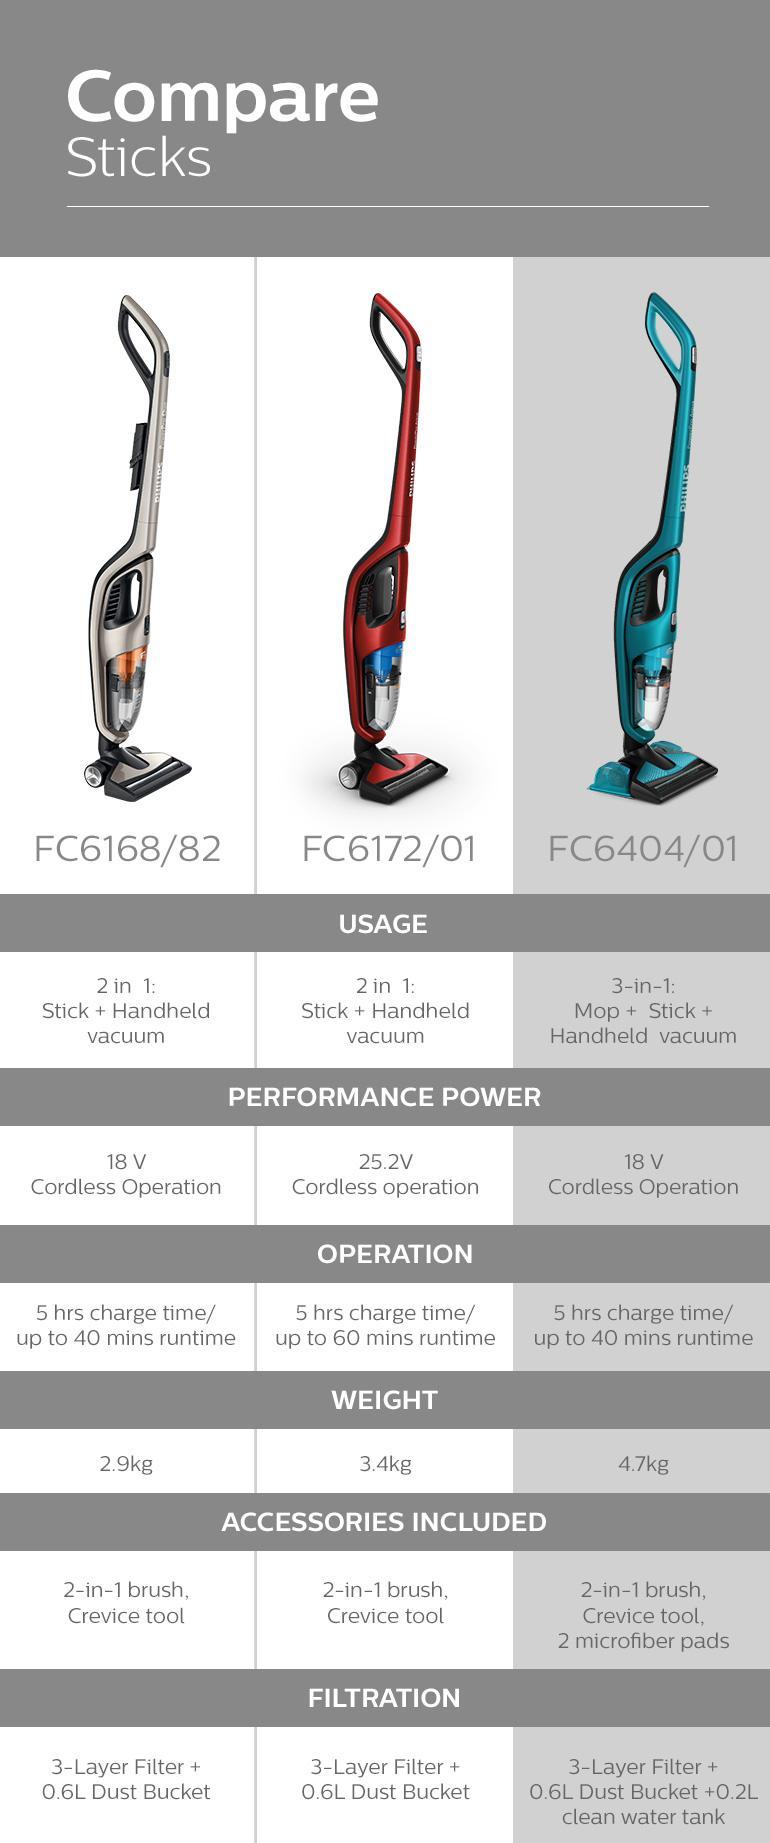 compare_Sticks_SG_V3.jpg